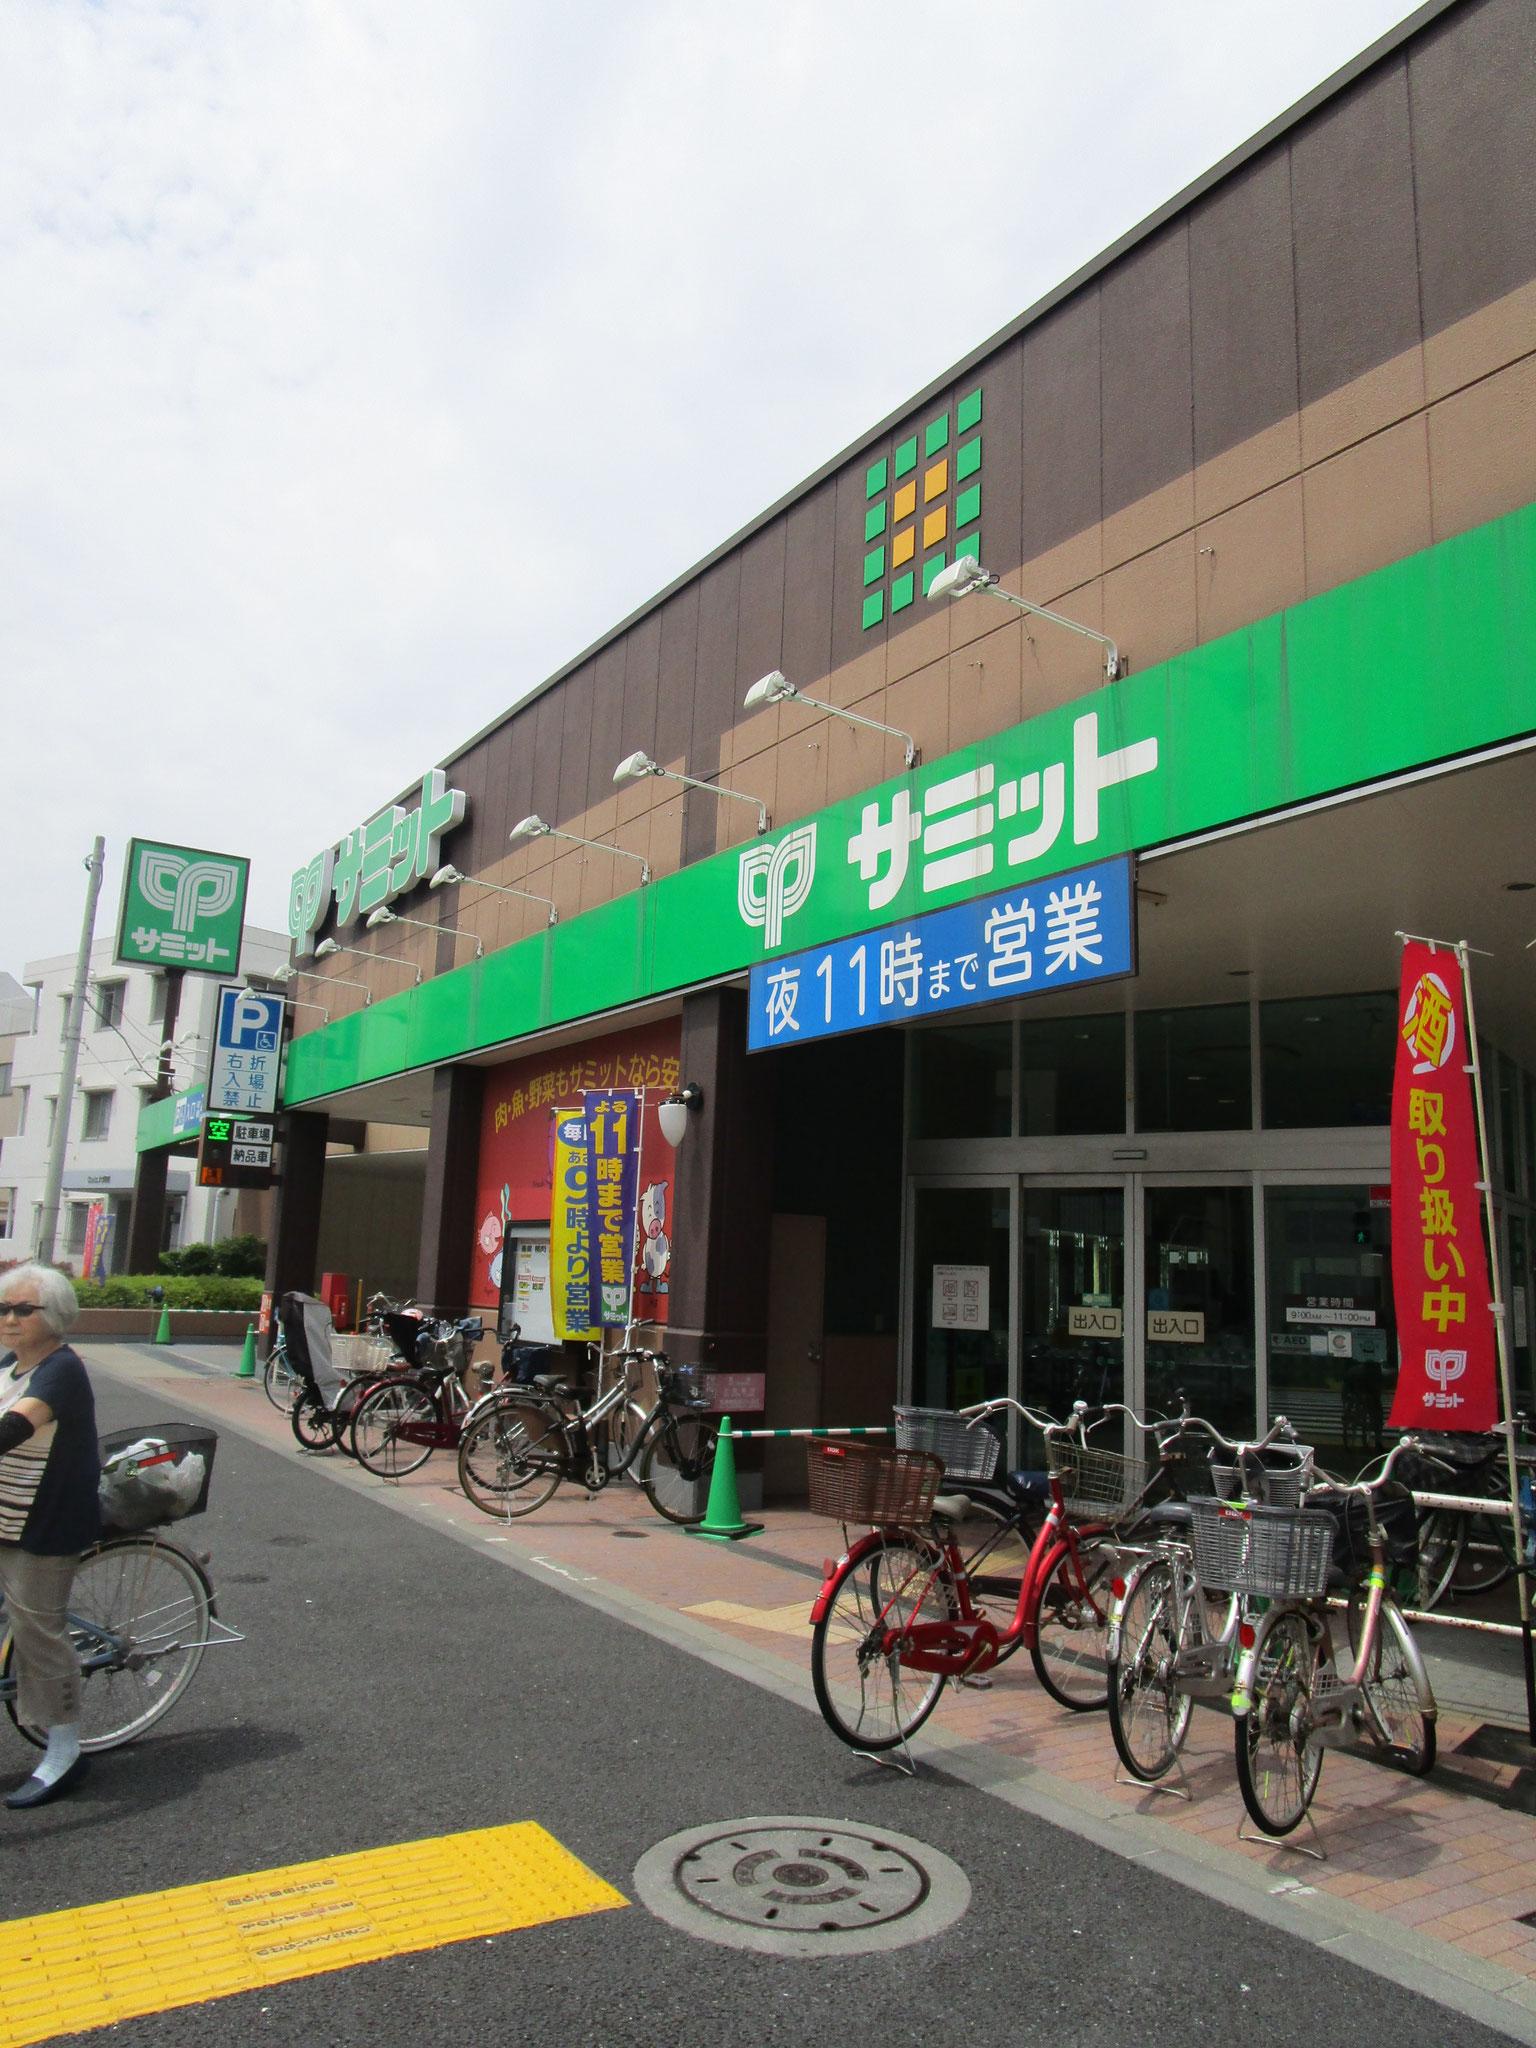 スーパーマーケットも徒歩圏内です